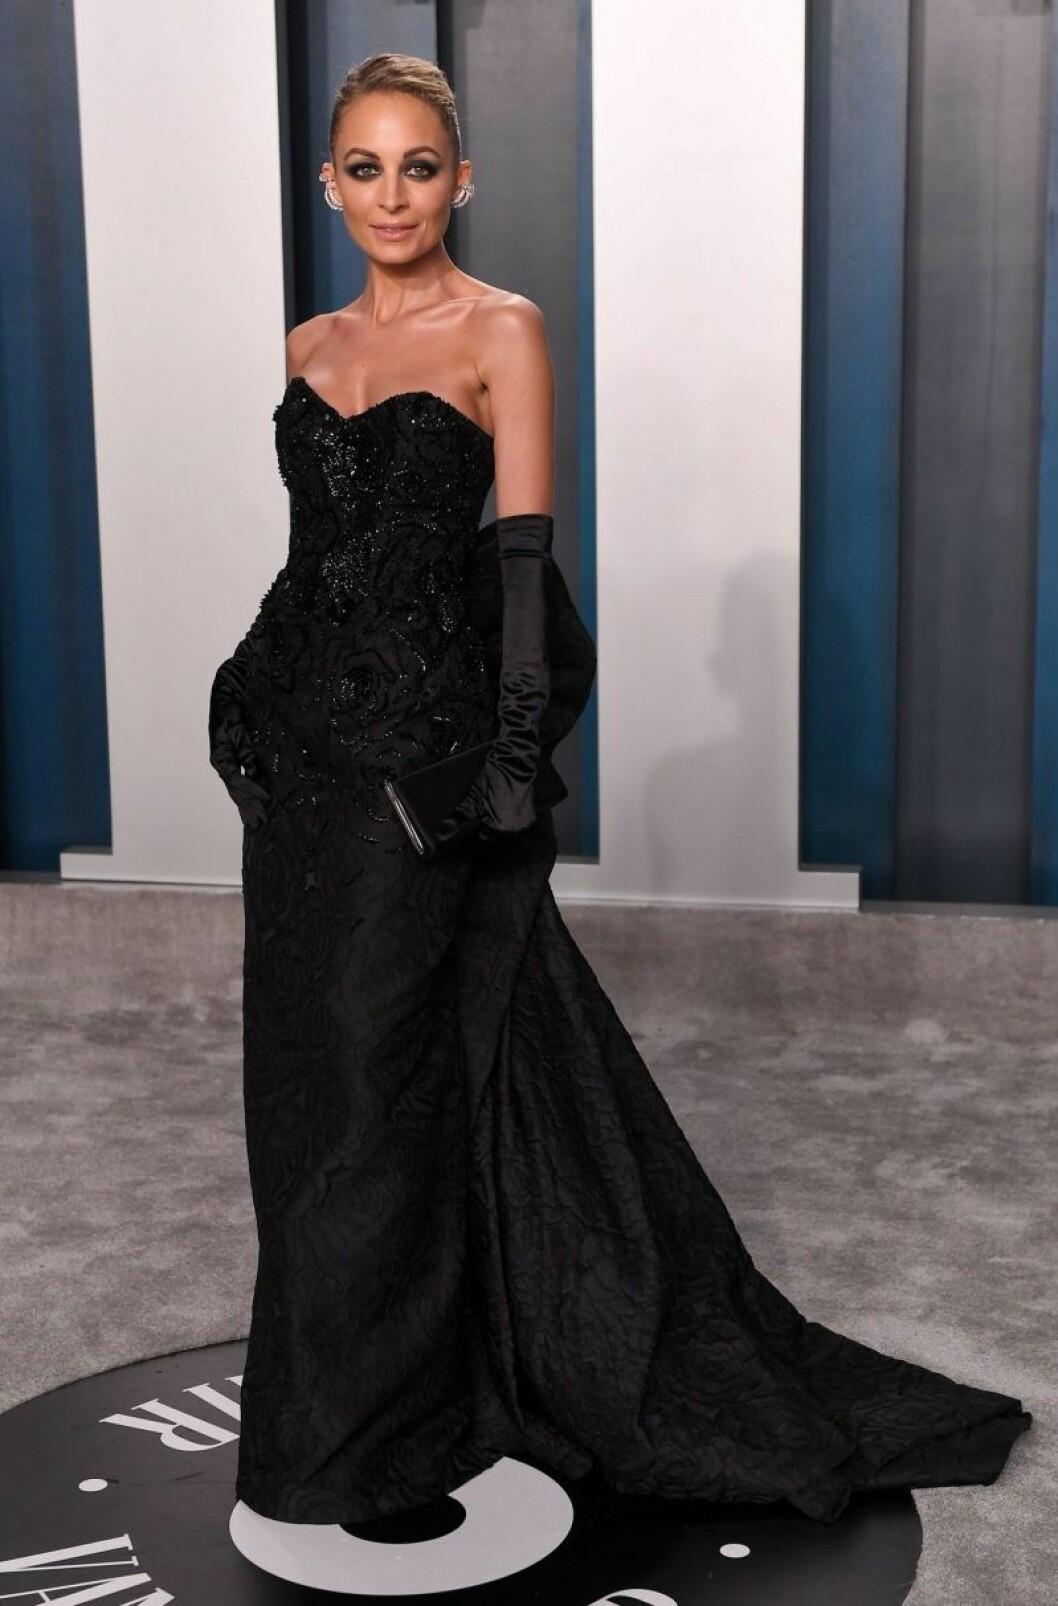 Nicole Richie i svart klänning